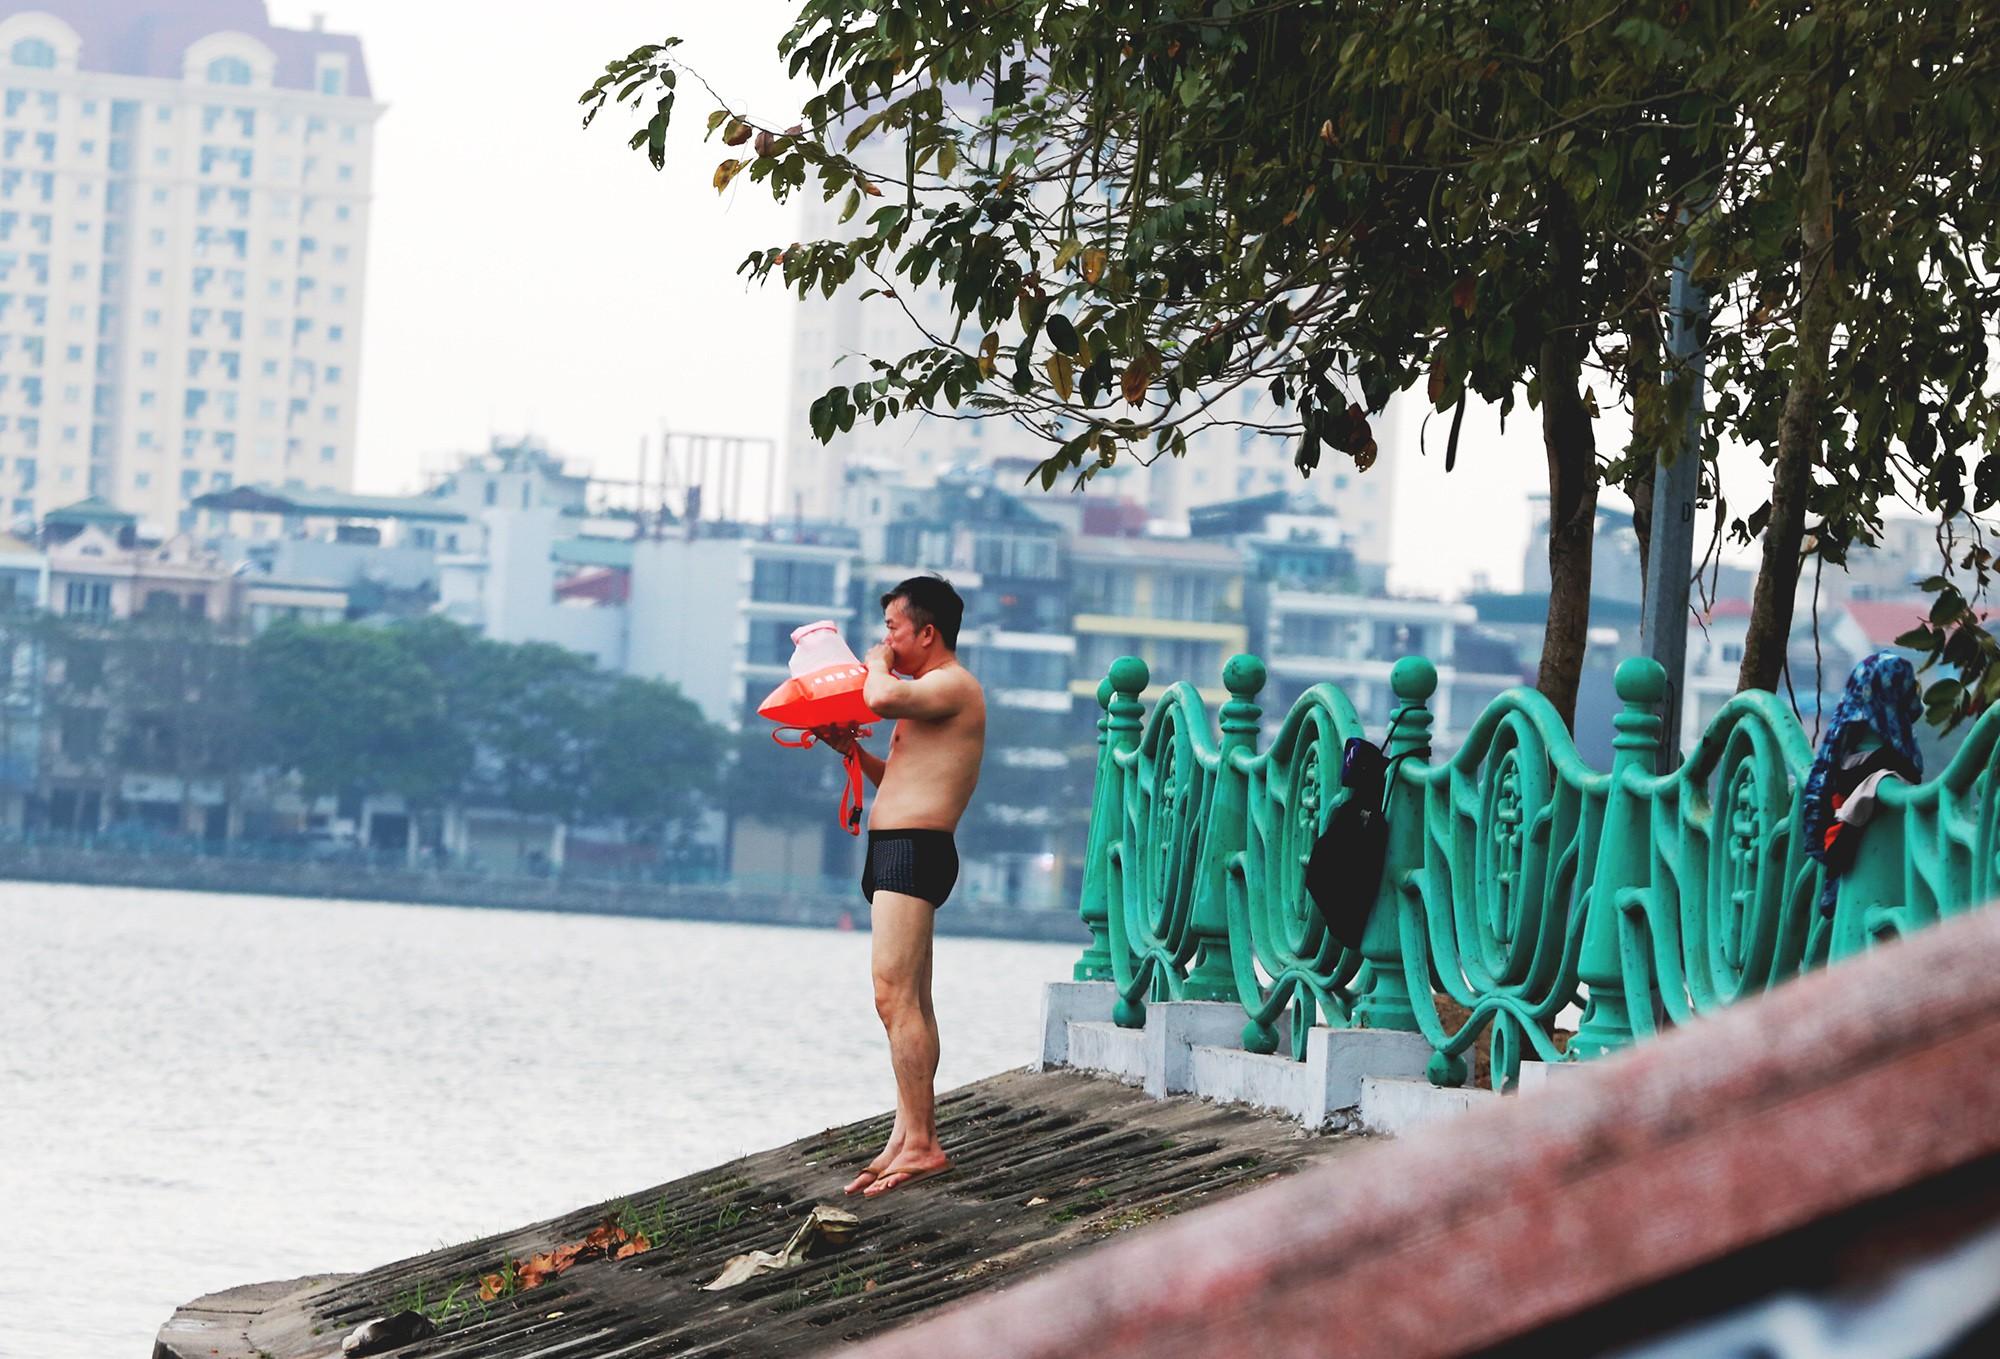 Hà Nội: Người lớn, trẻ nhỏ dắt nhau ra hồ Tây giải nhiệt ngày nắng nóng - Ảnh 1.